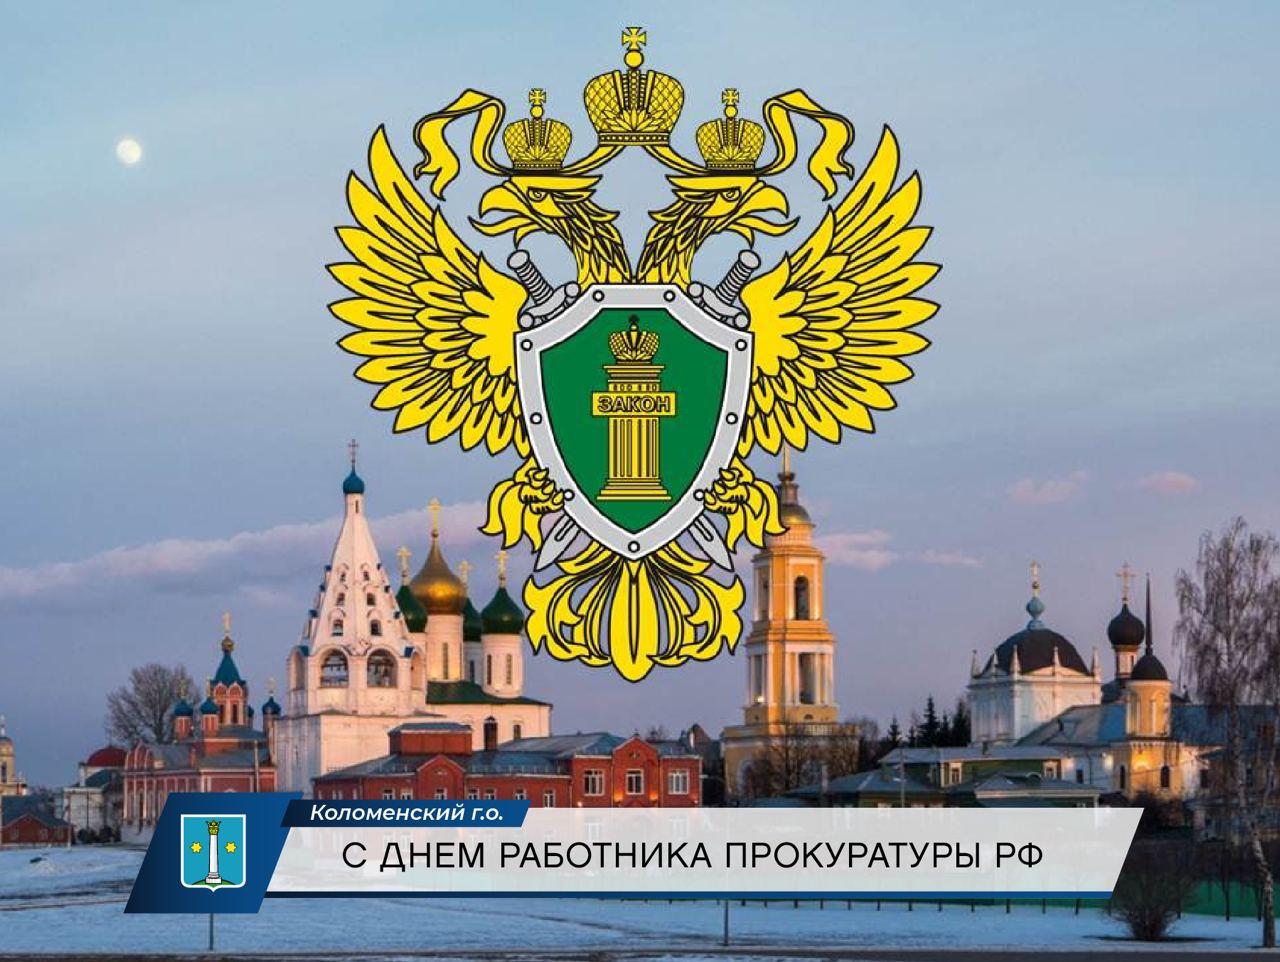 Поздравление Главы Коломенского городского округа Дениса Лебедева с Днем работников Прокуратуры Российской Федерации